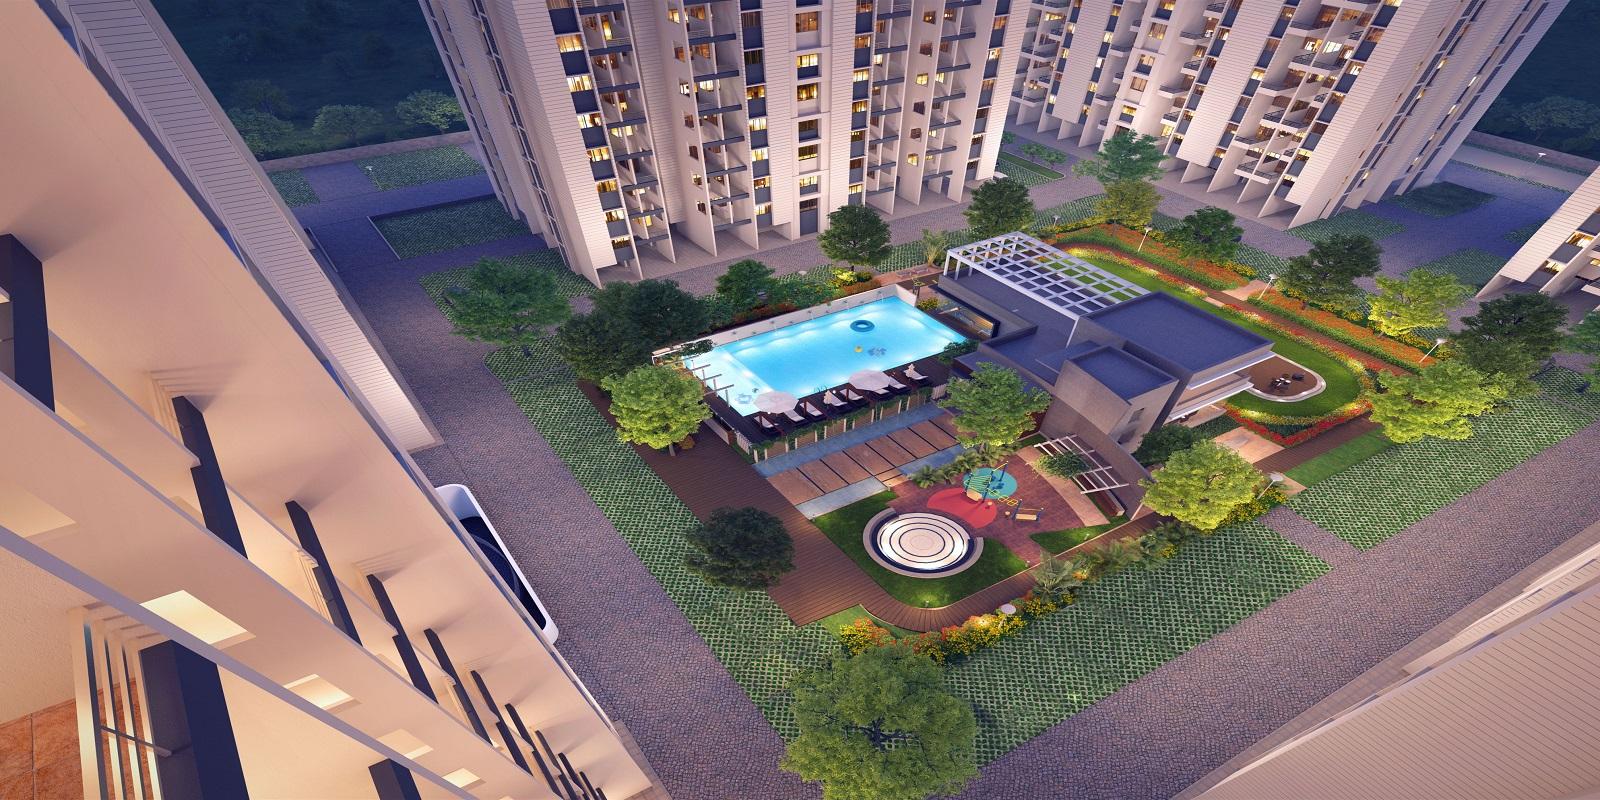 vtp purvanchal amenities features7